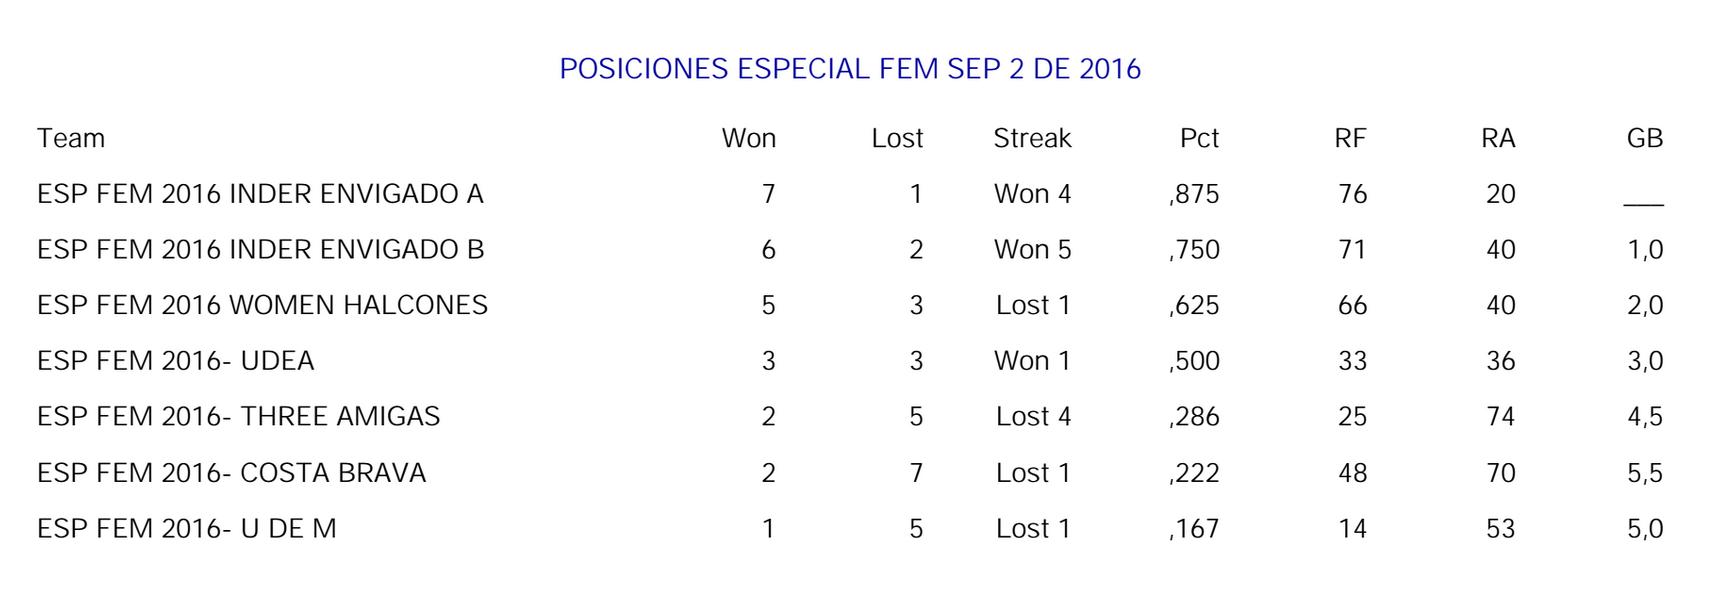 posiciones-especial-femenina-septiembre-02-2016